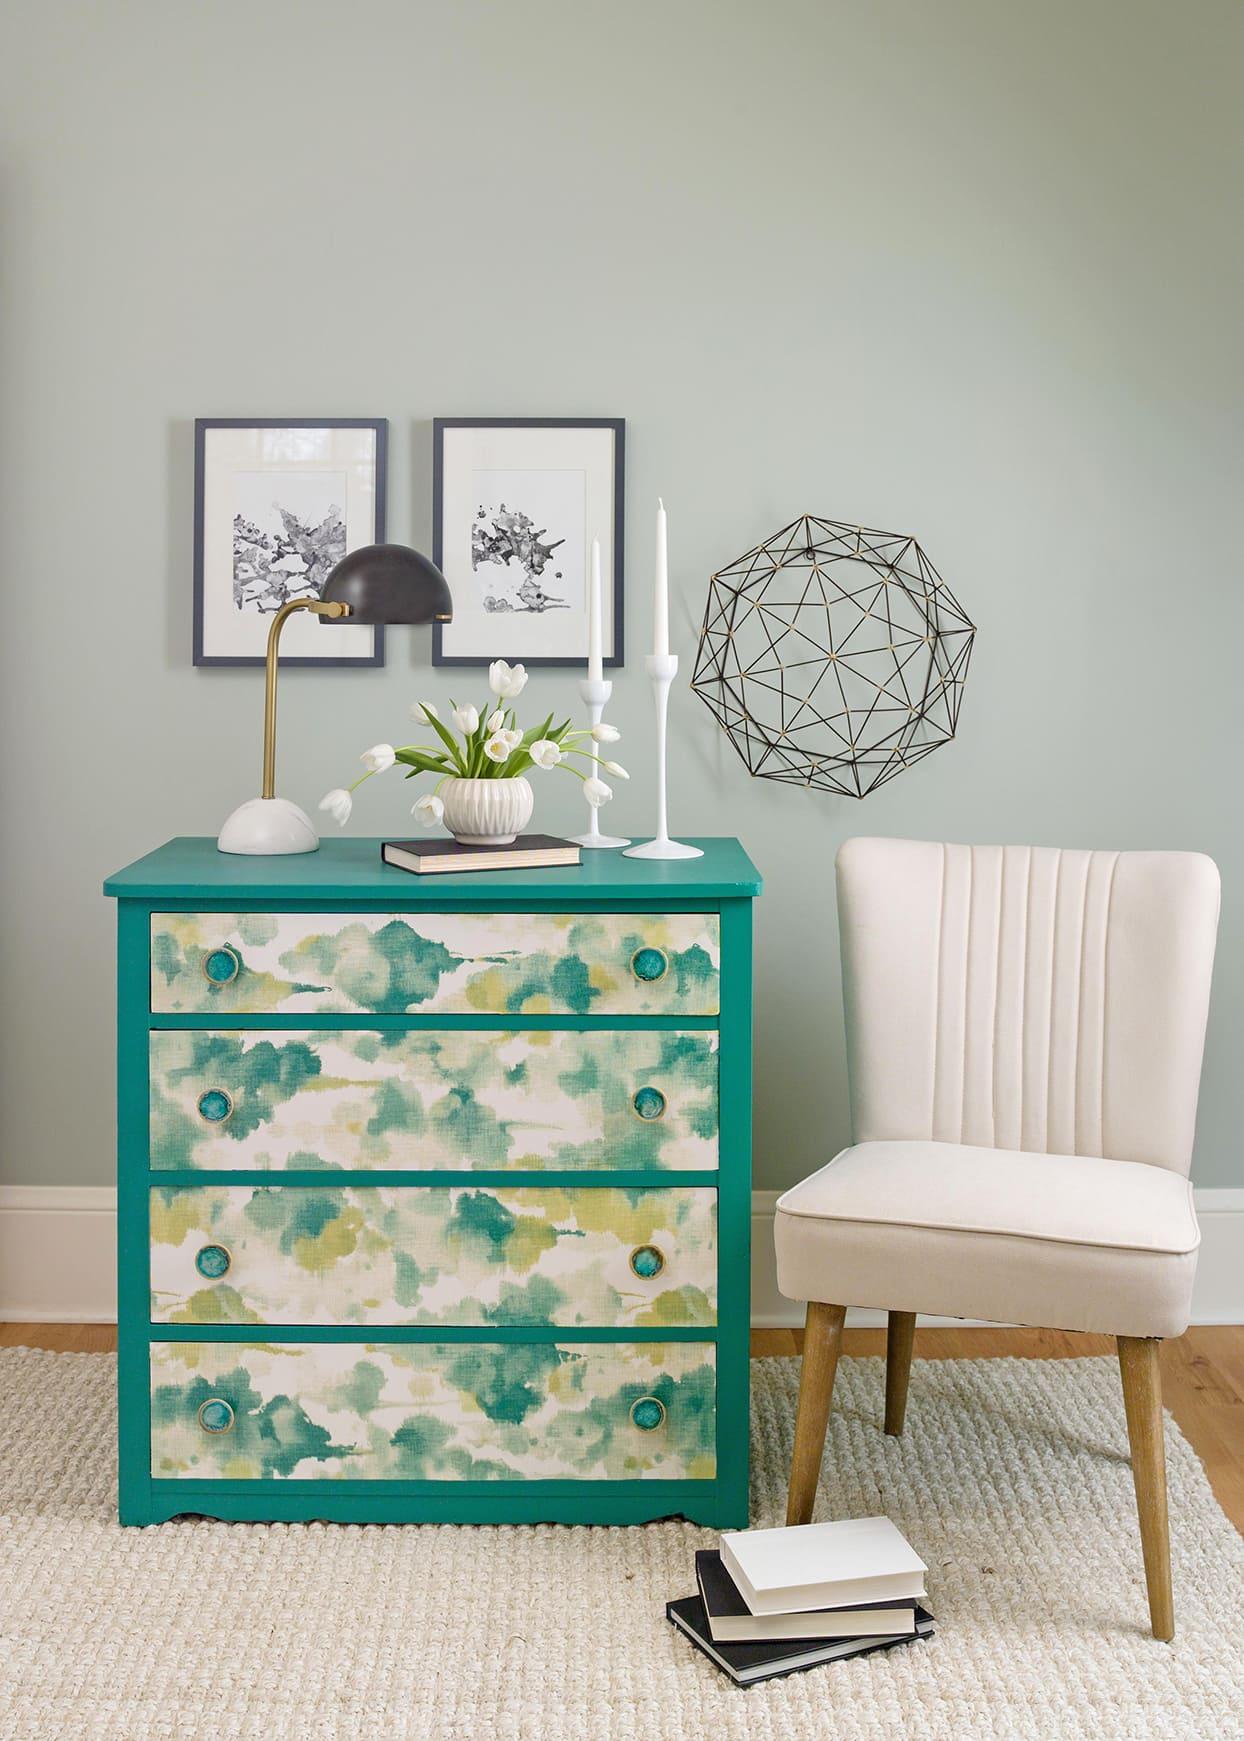 9.Simphome.com Wallpaper the Dresser